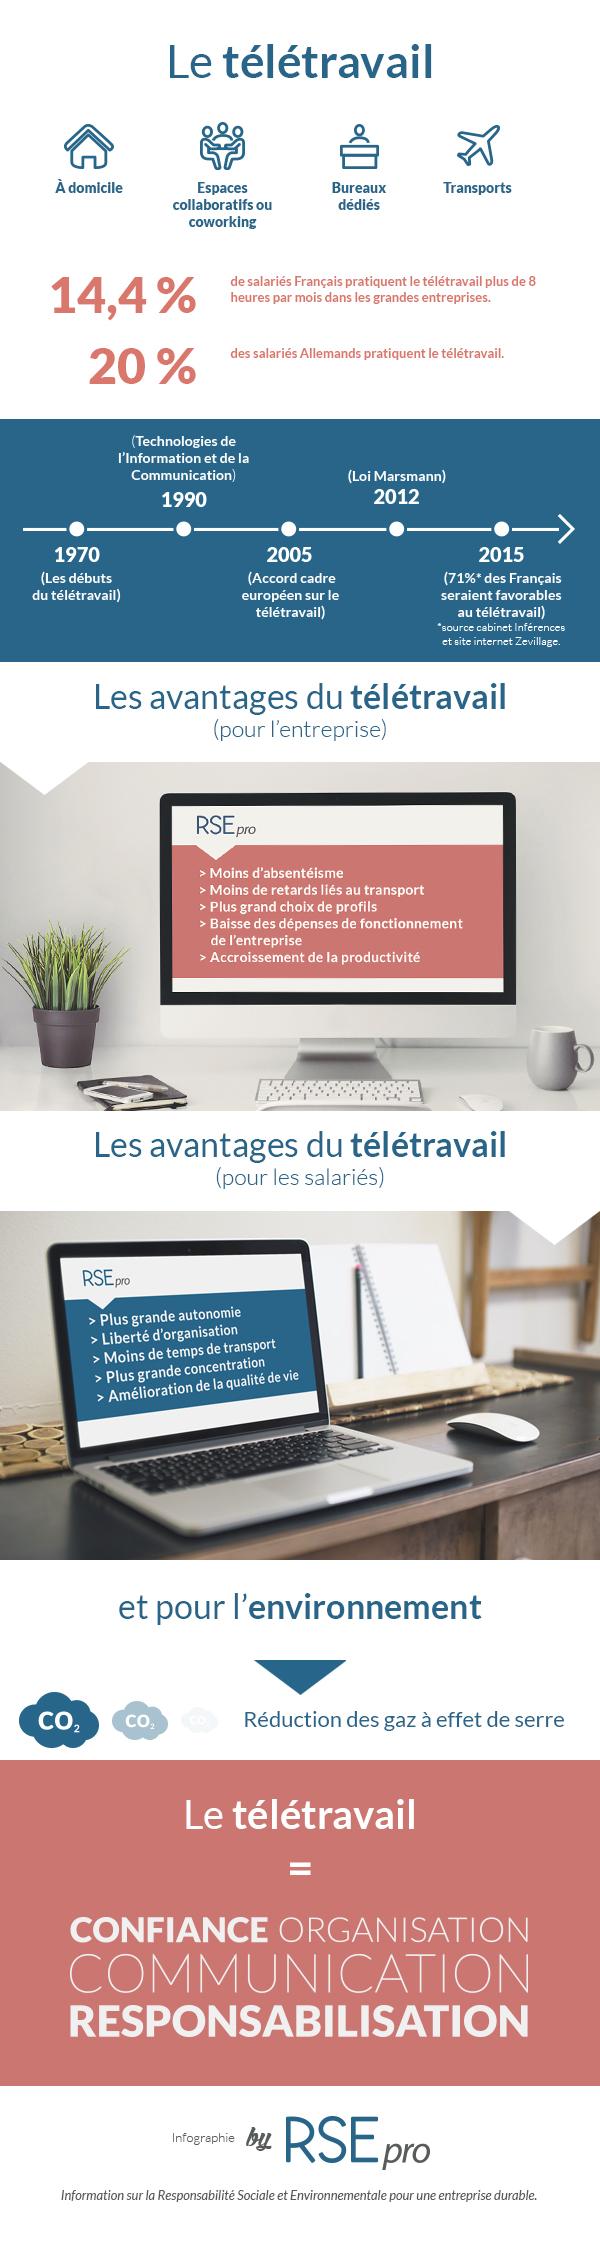 infographie-teletravail-rse-pro   télétravail